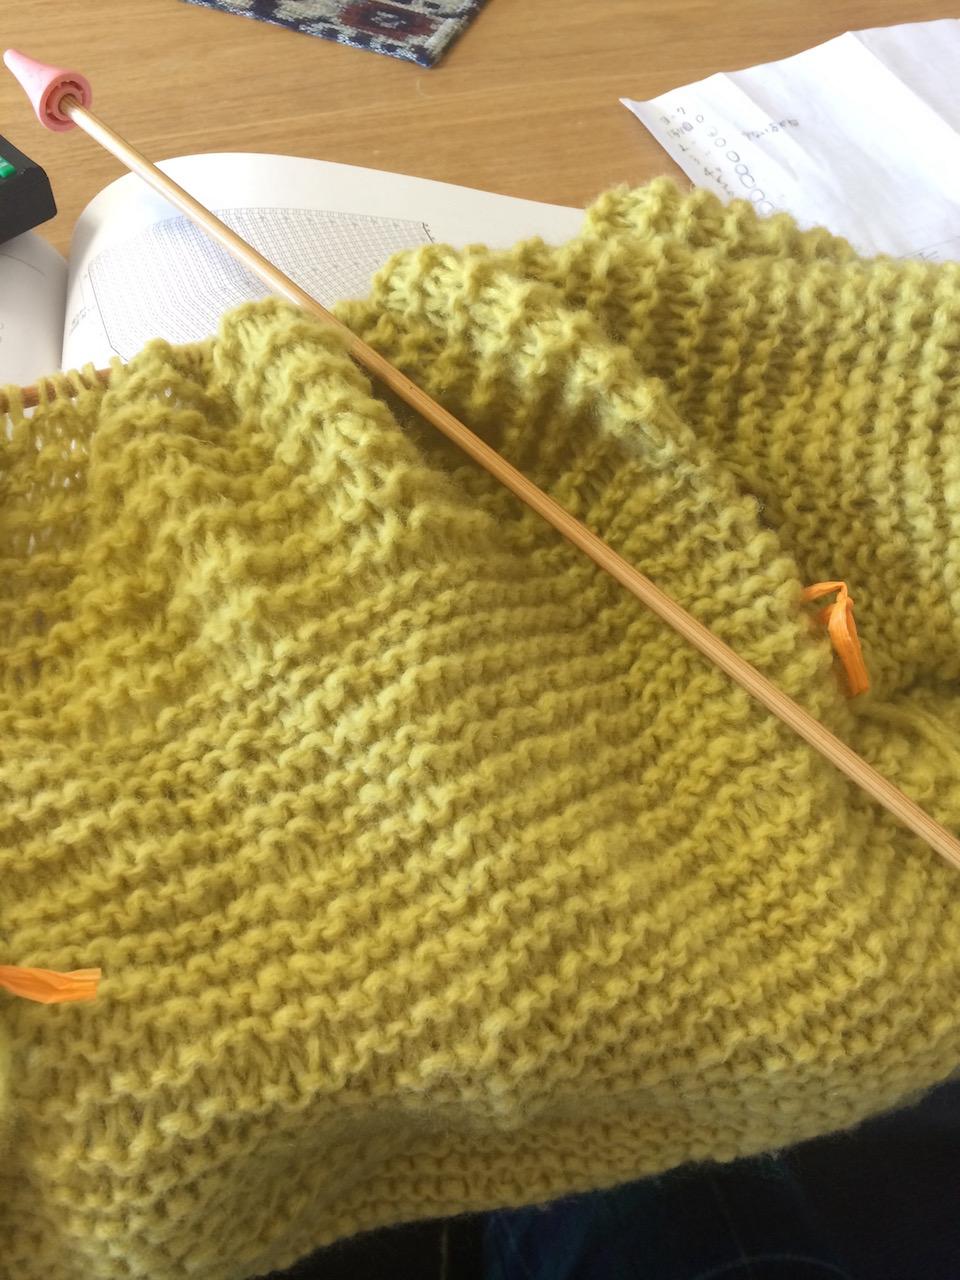 あと少しのところで、編み目の表裏がおかしくなり、編み直すのが辛いからと目をつむってそのまま続ける。こういうところも治したい性格の一つ。